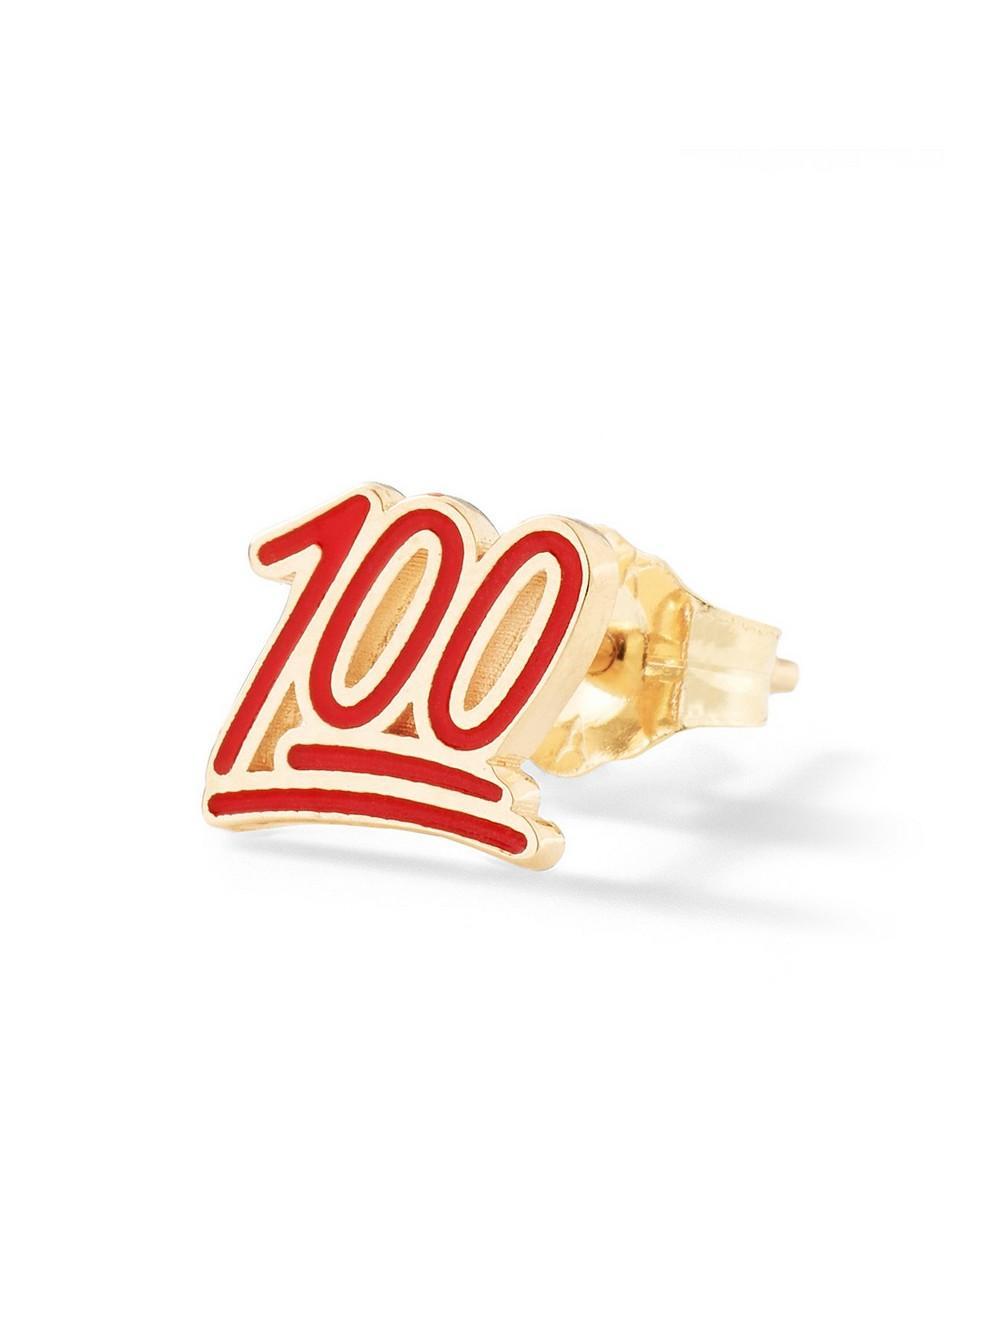 100 Stud Item # ALES73Y